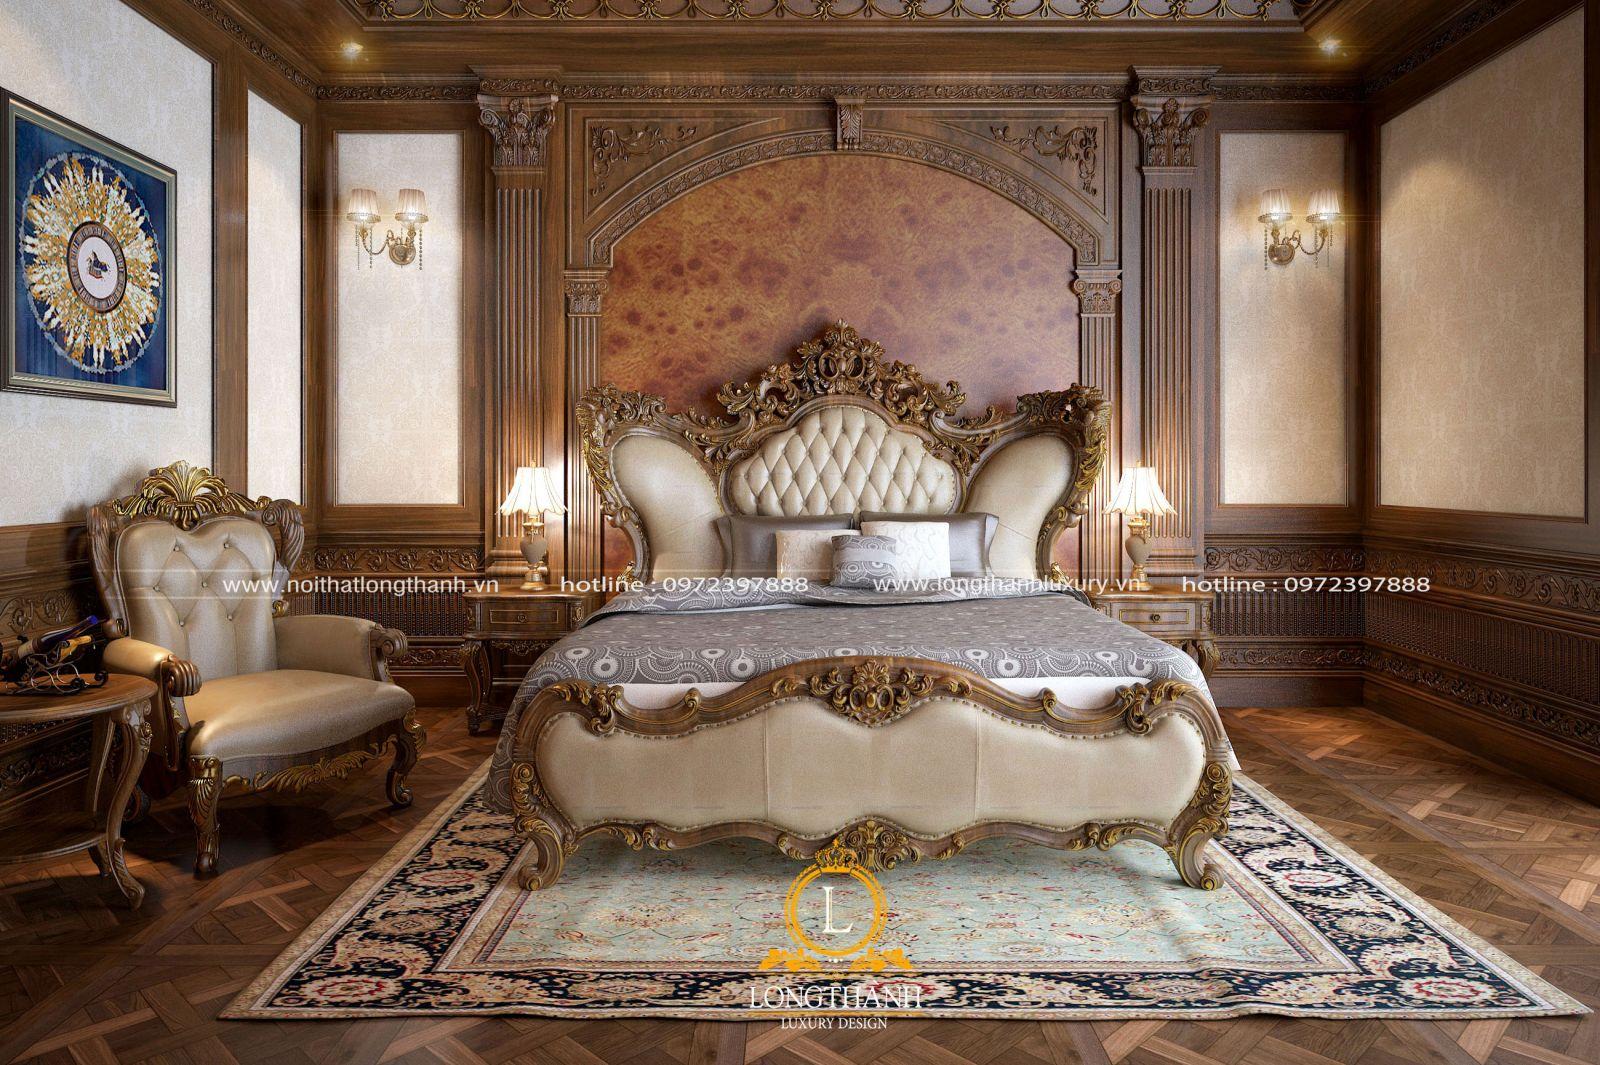 Phòng ngủ cổ điển với gỗ tự nhiên cho nhà biệt thự sang trọng